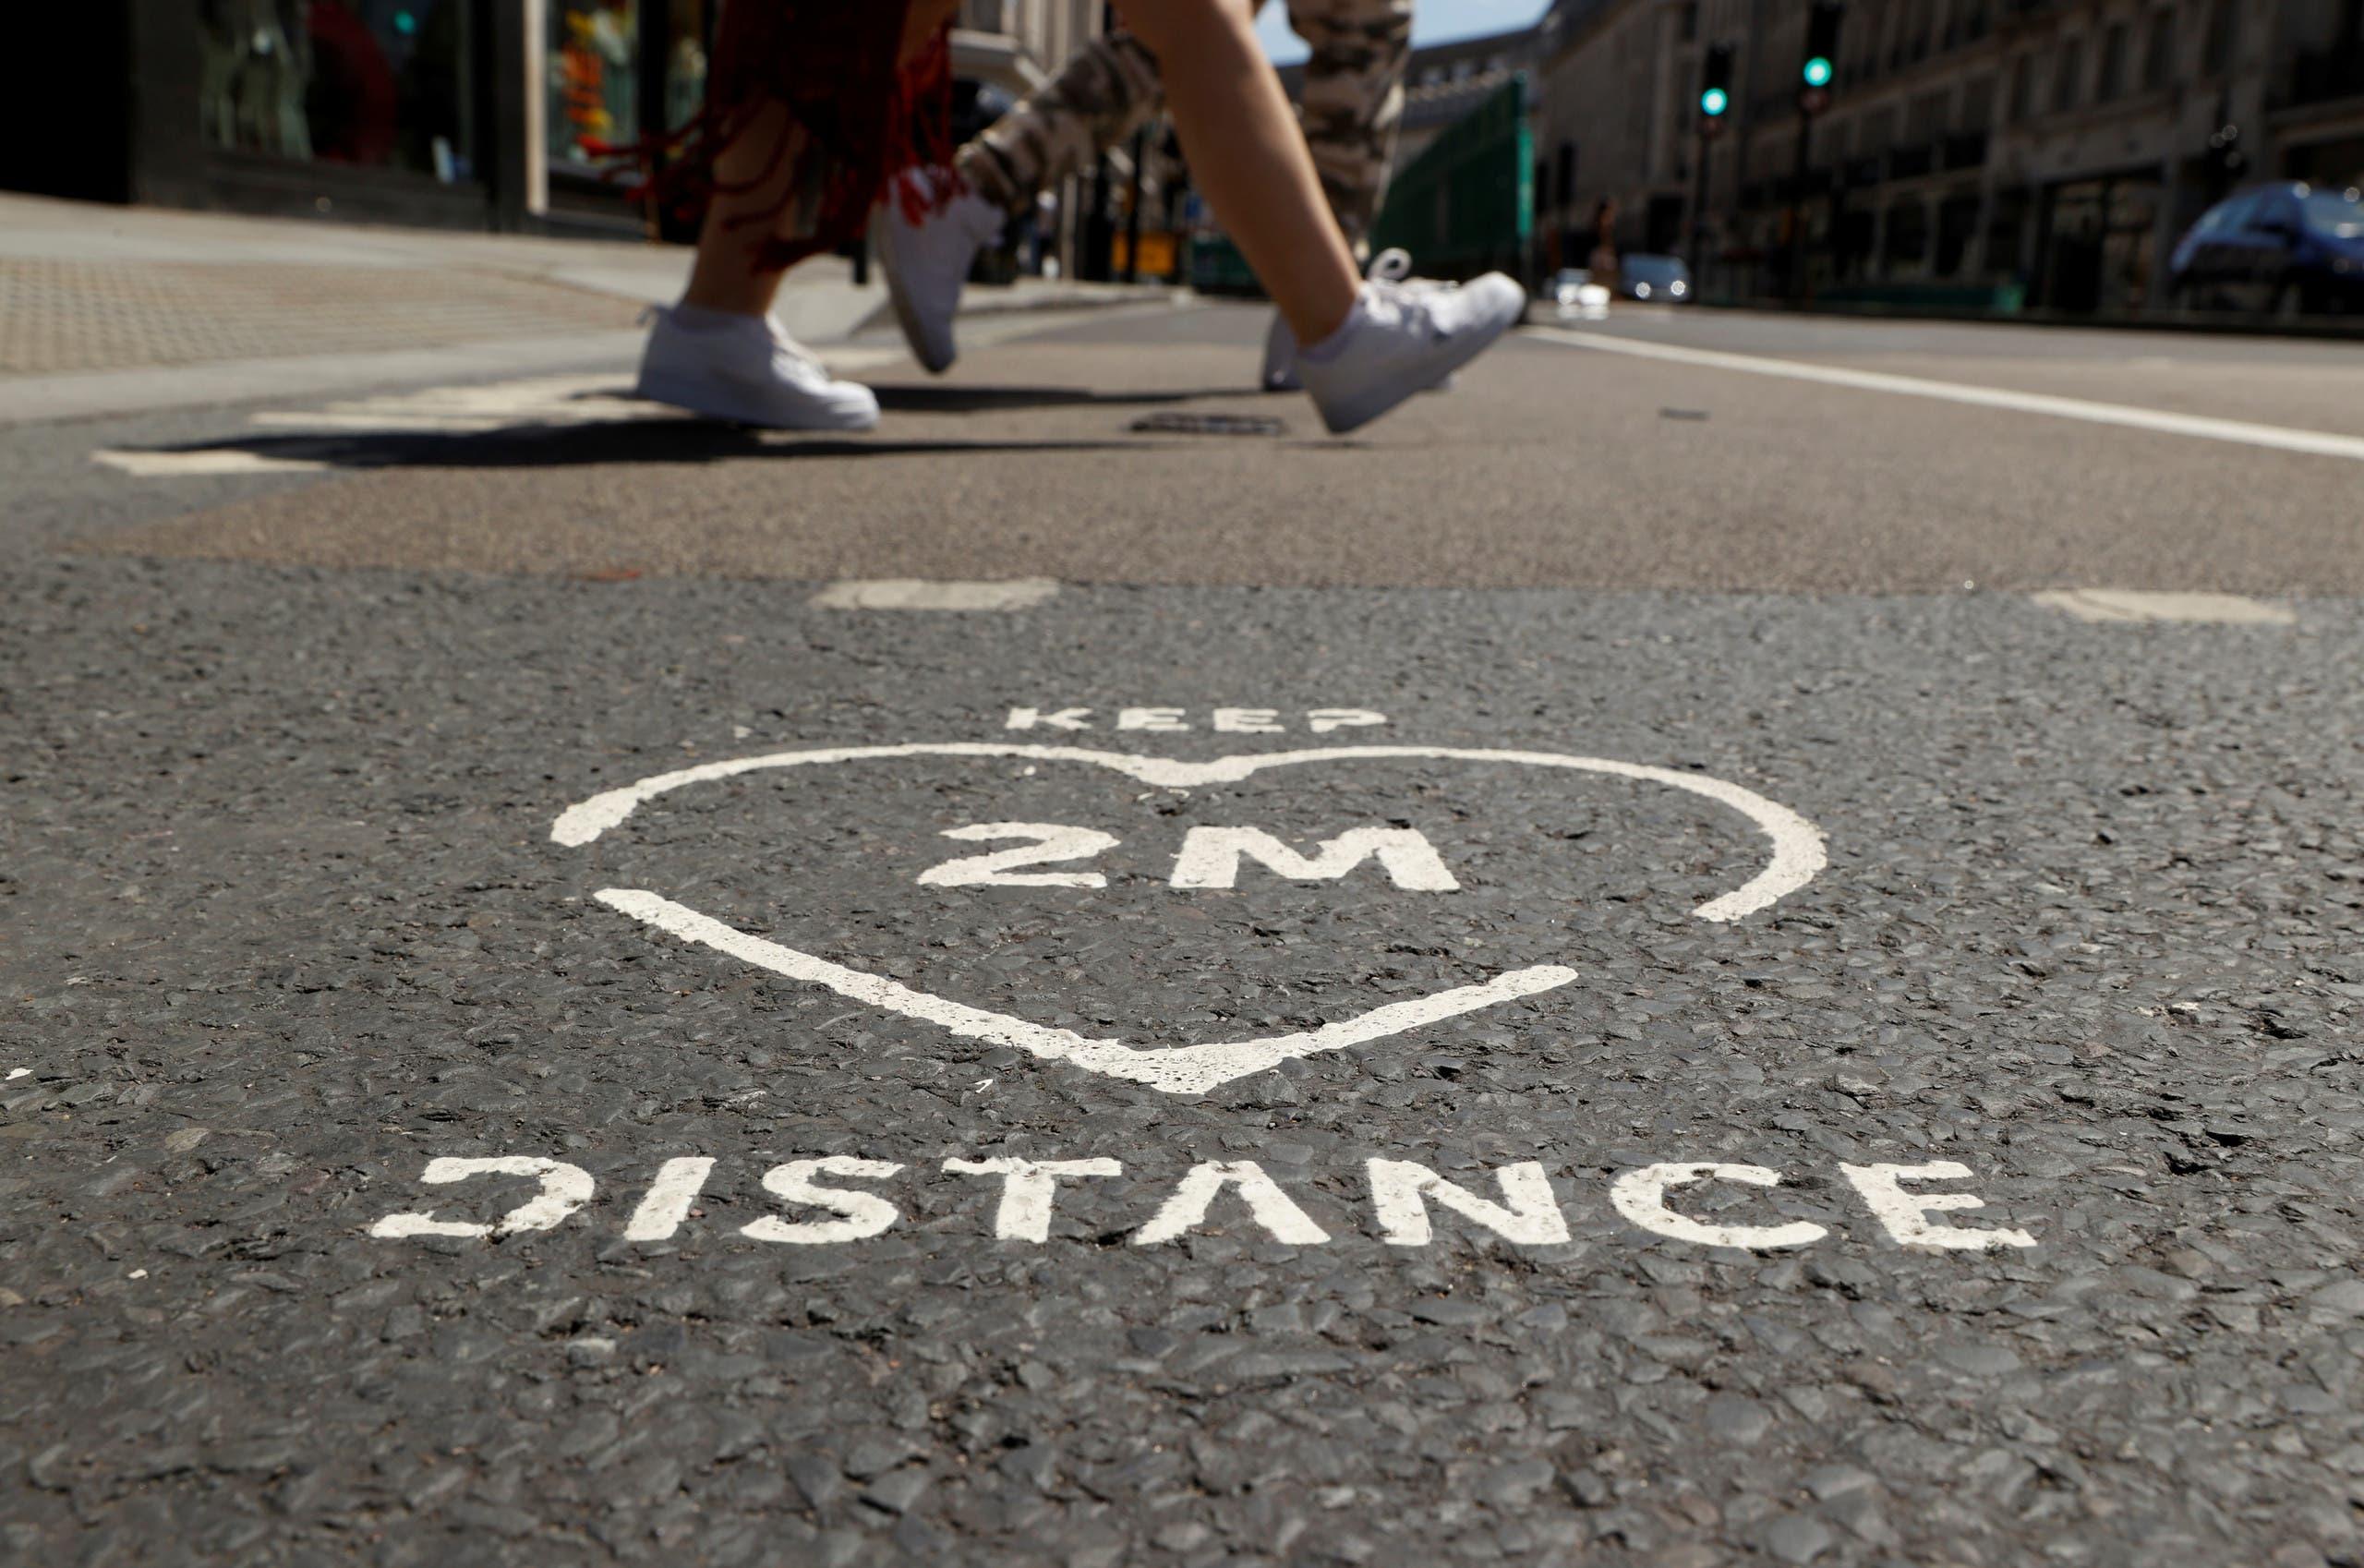 علامات في شوارع لندن تحث على التباعد الاجتماعي